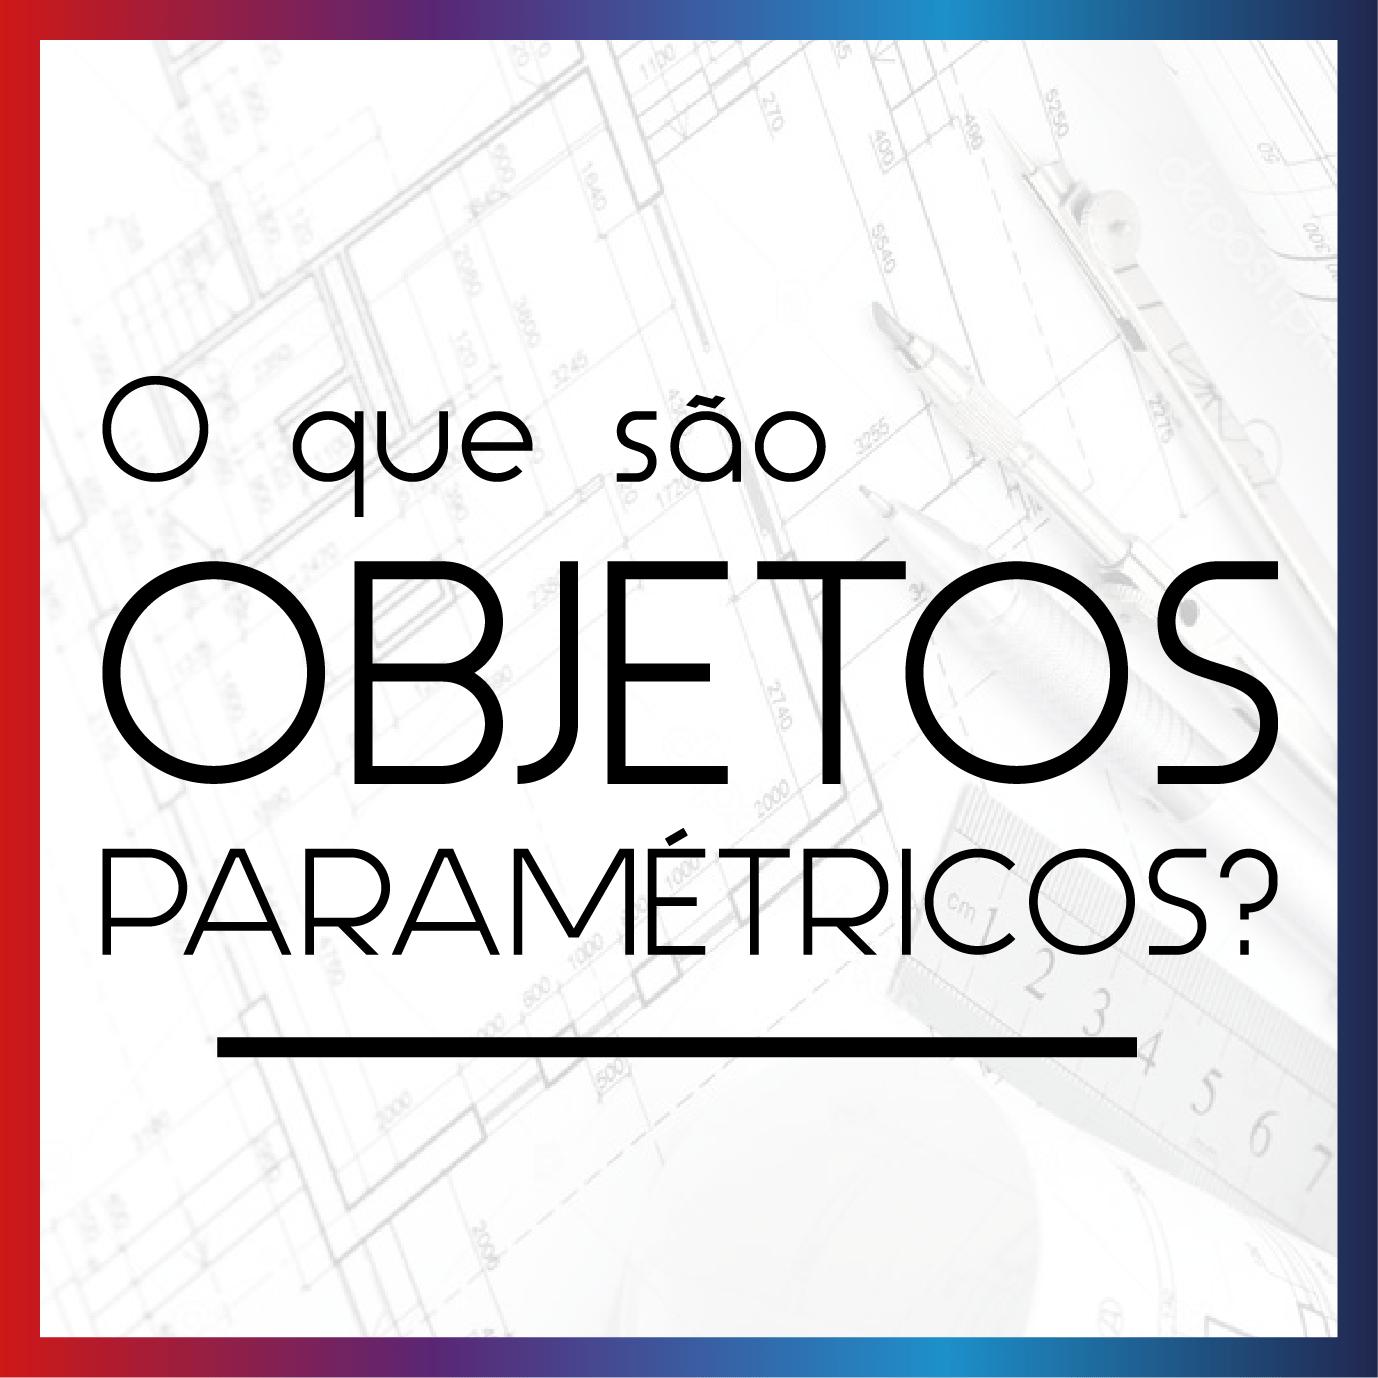 objetos parametricos